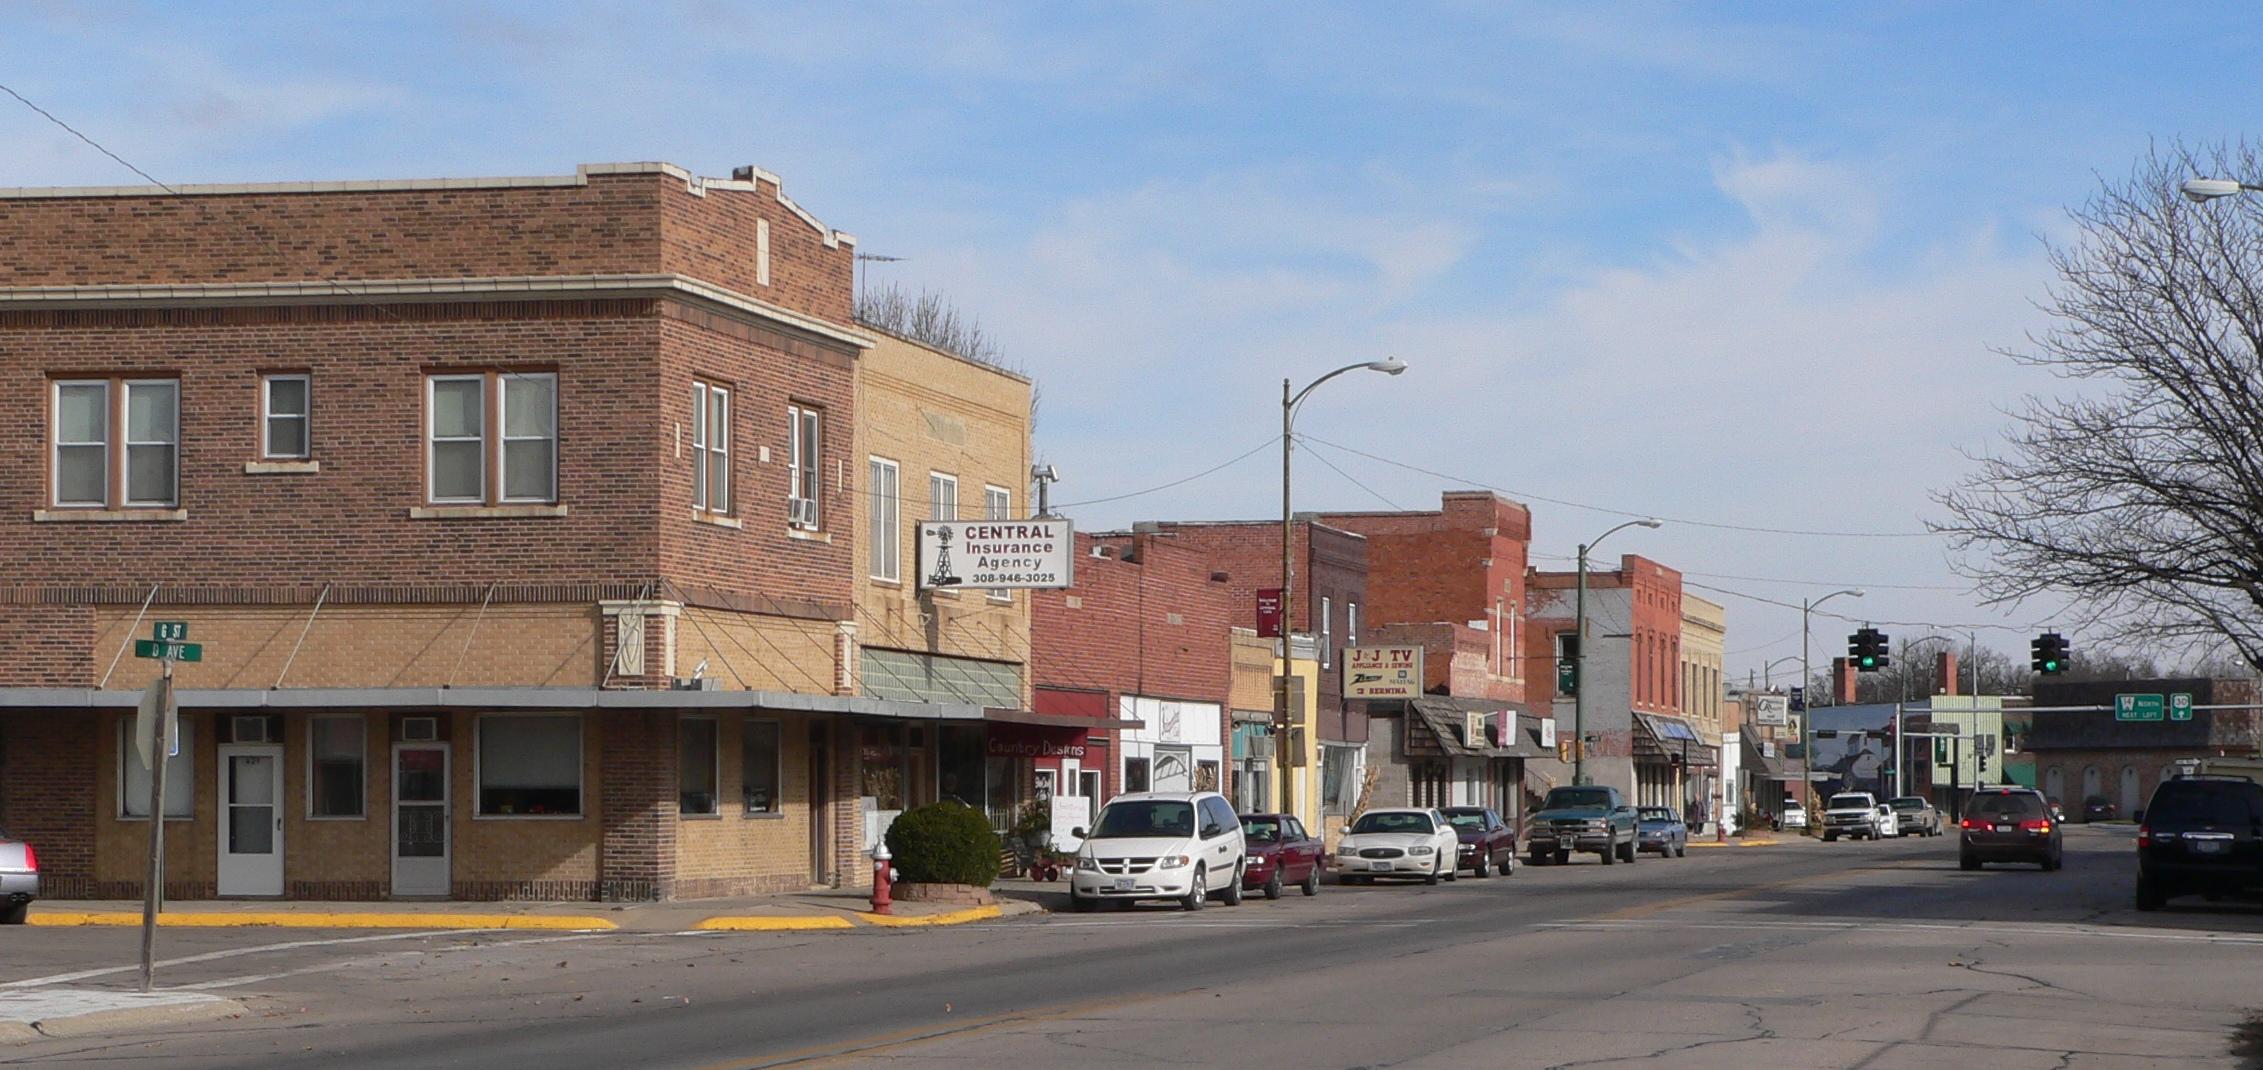 City Line Avenue >> File:Central City, Nebraska G St from D Ave 2.JPG ...